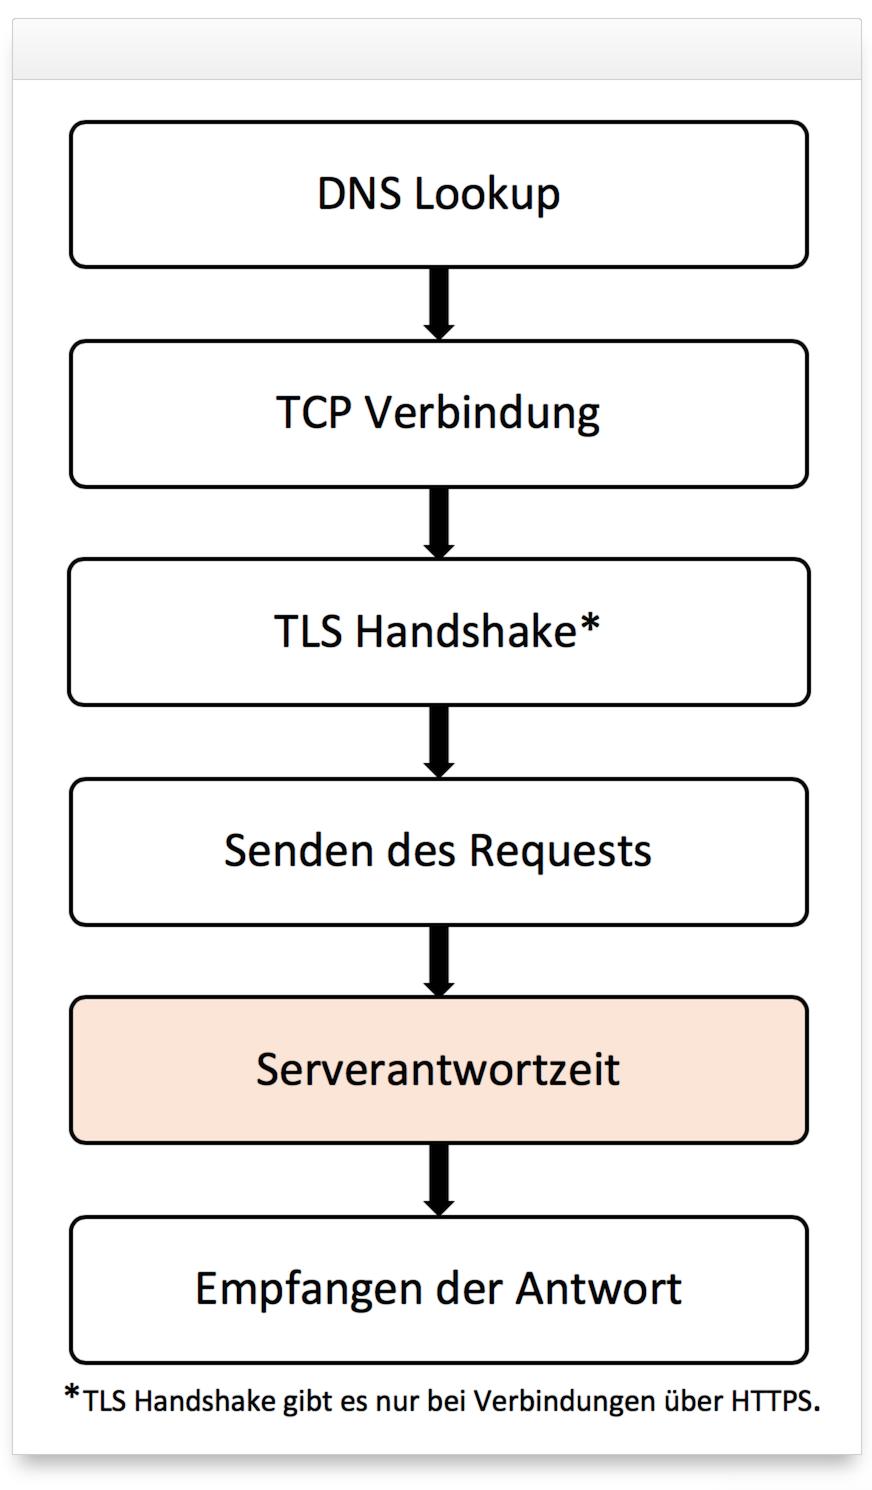 Schaubild eines Verbindungsaufbaues, von DNS Lookup bis Empfangen der Antwort.